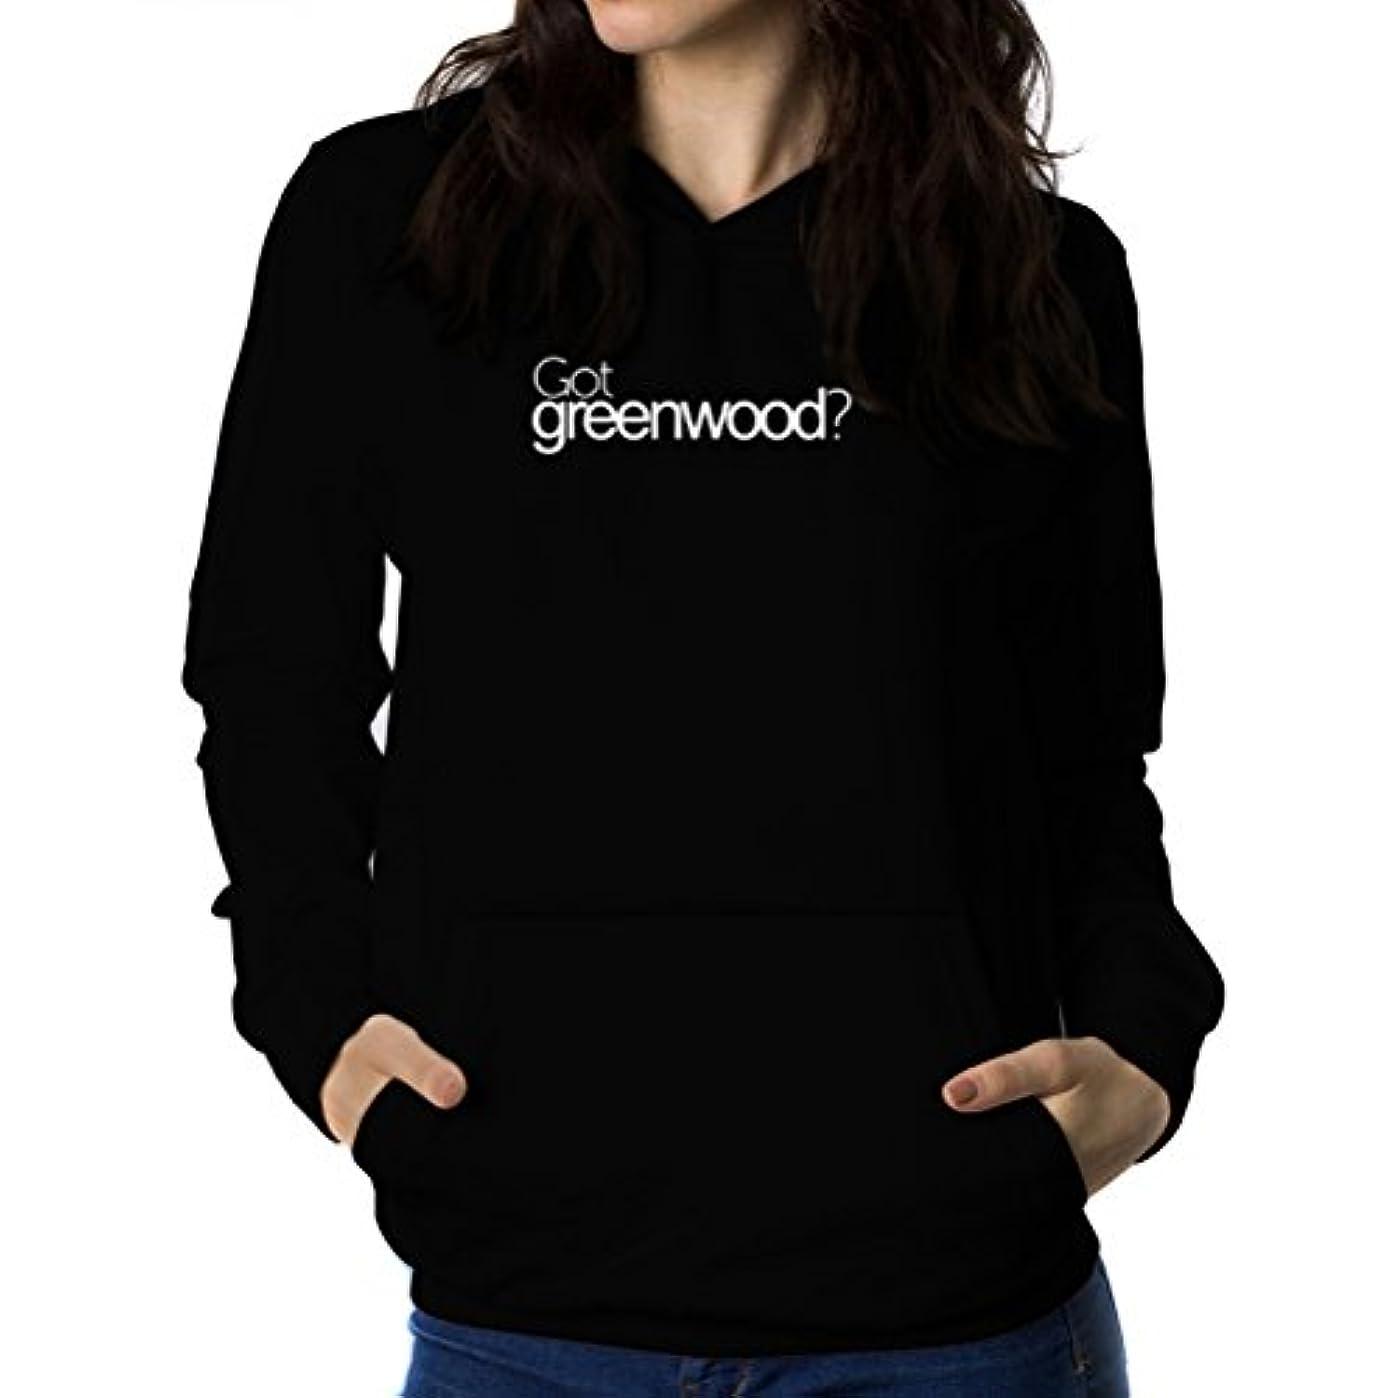 食料品店本当のことを言うと感じるGot Greenwood? 女性 フーディー